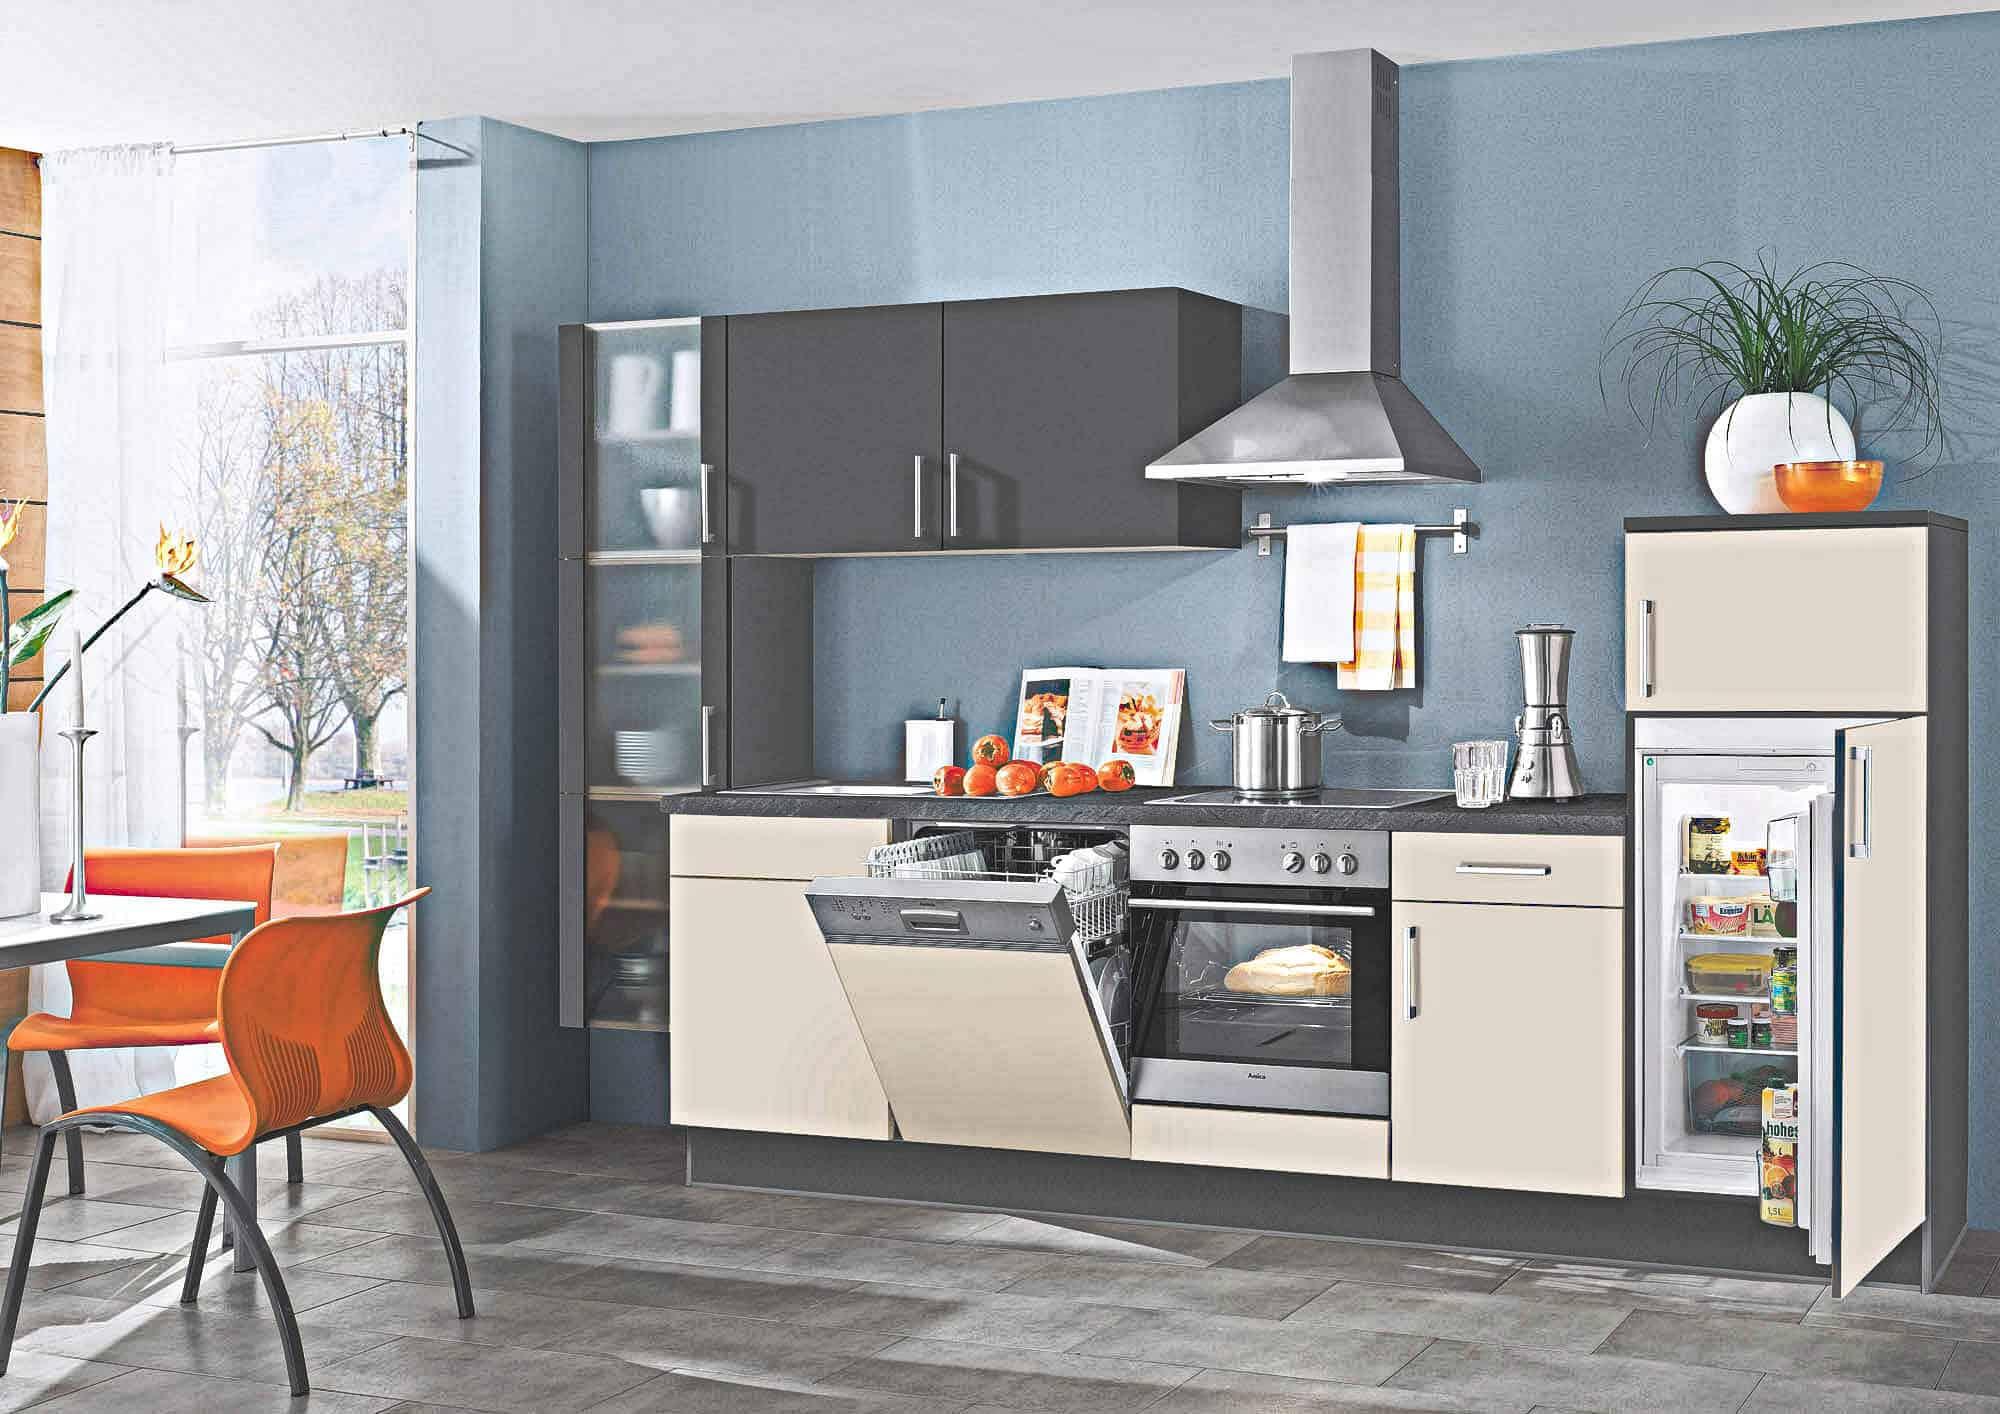 Sandbeige matte kleine Küchenzeile